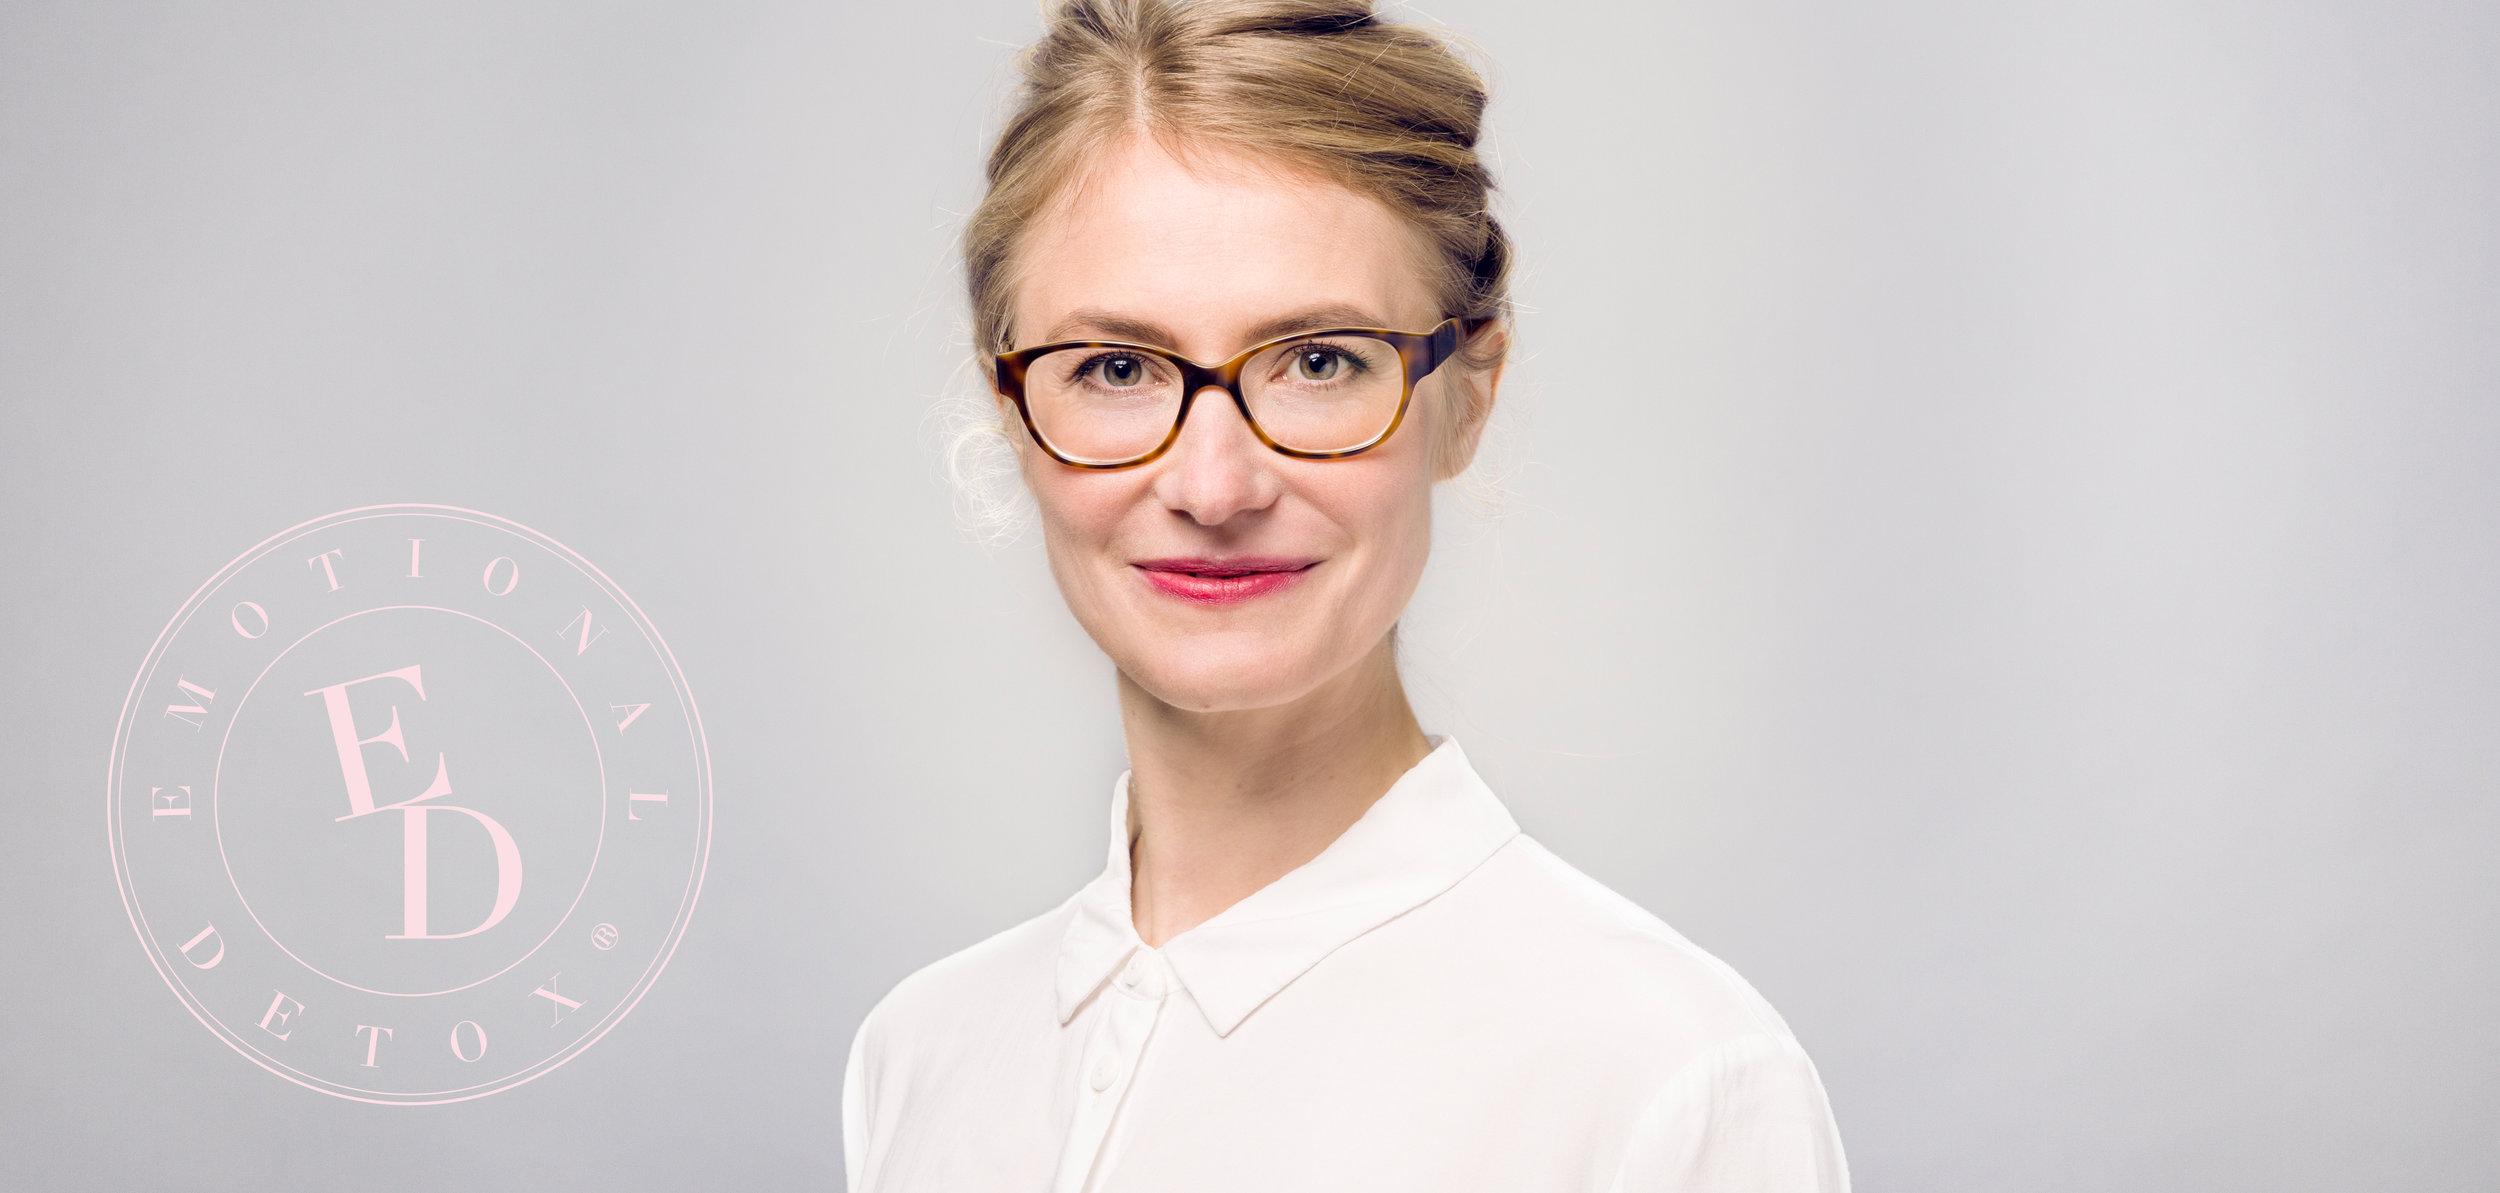 Laura Ritthaler